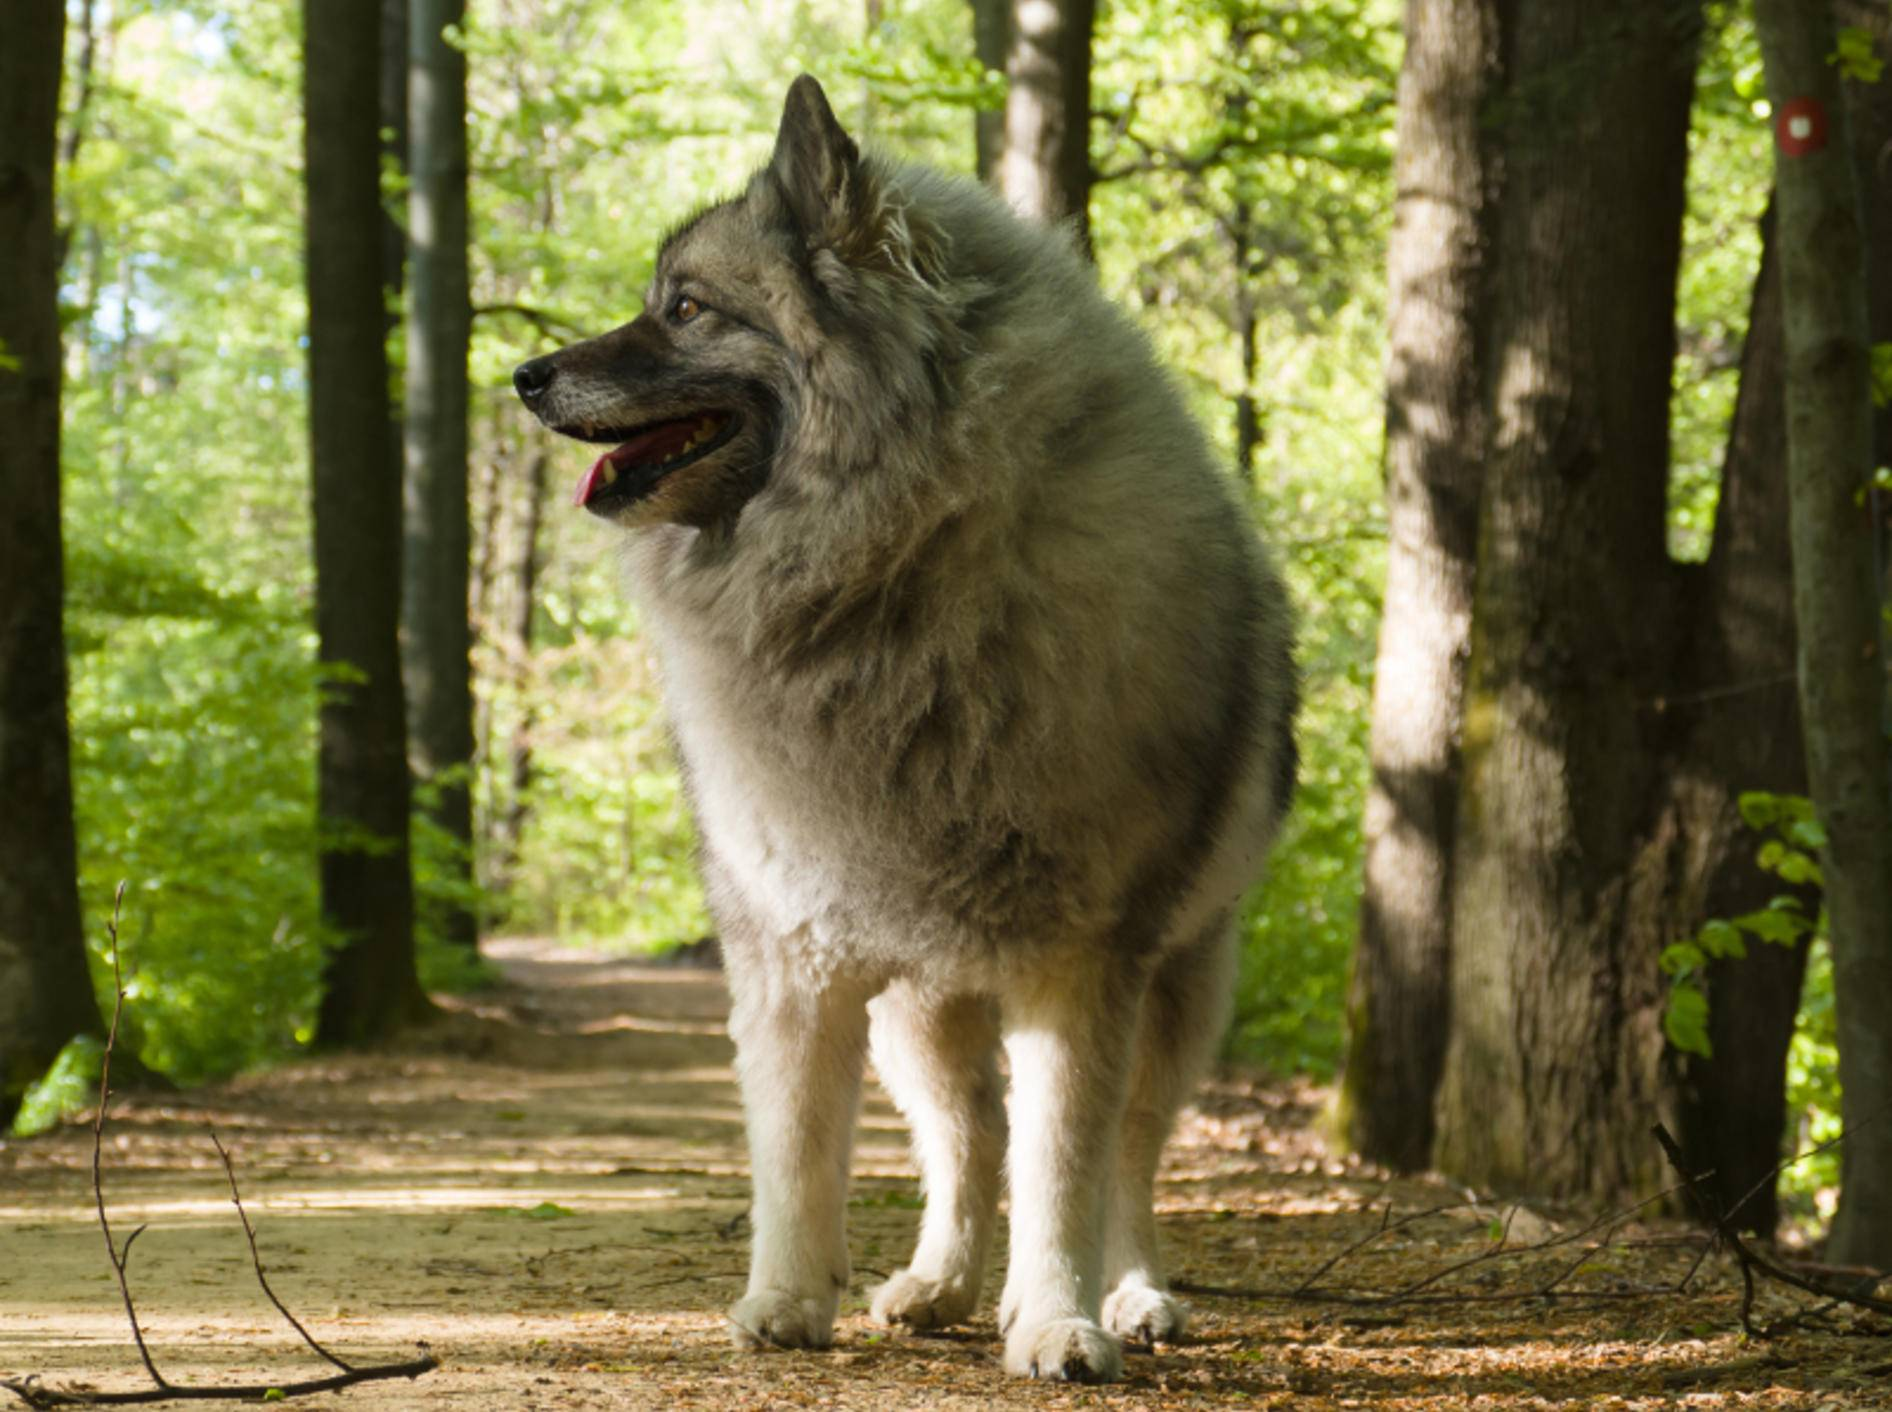 Ein Wolfsspitz sollte geistig und körperlich gefördert und gefordert werden, macht in Sachen Pflege und Haltung aber grundsätzlich weniger Arbeit als andere Hunde – Shutterstock / Sanja Karin Music